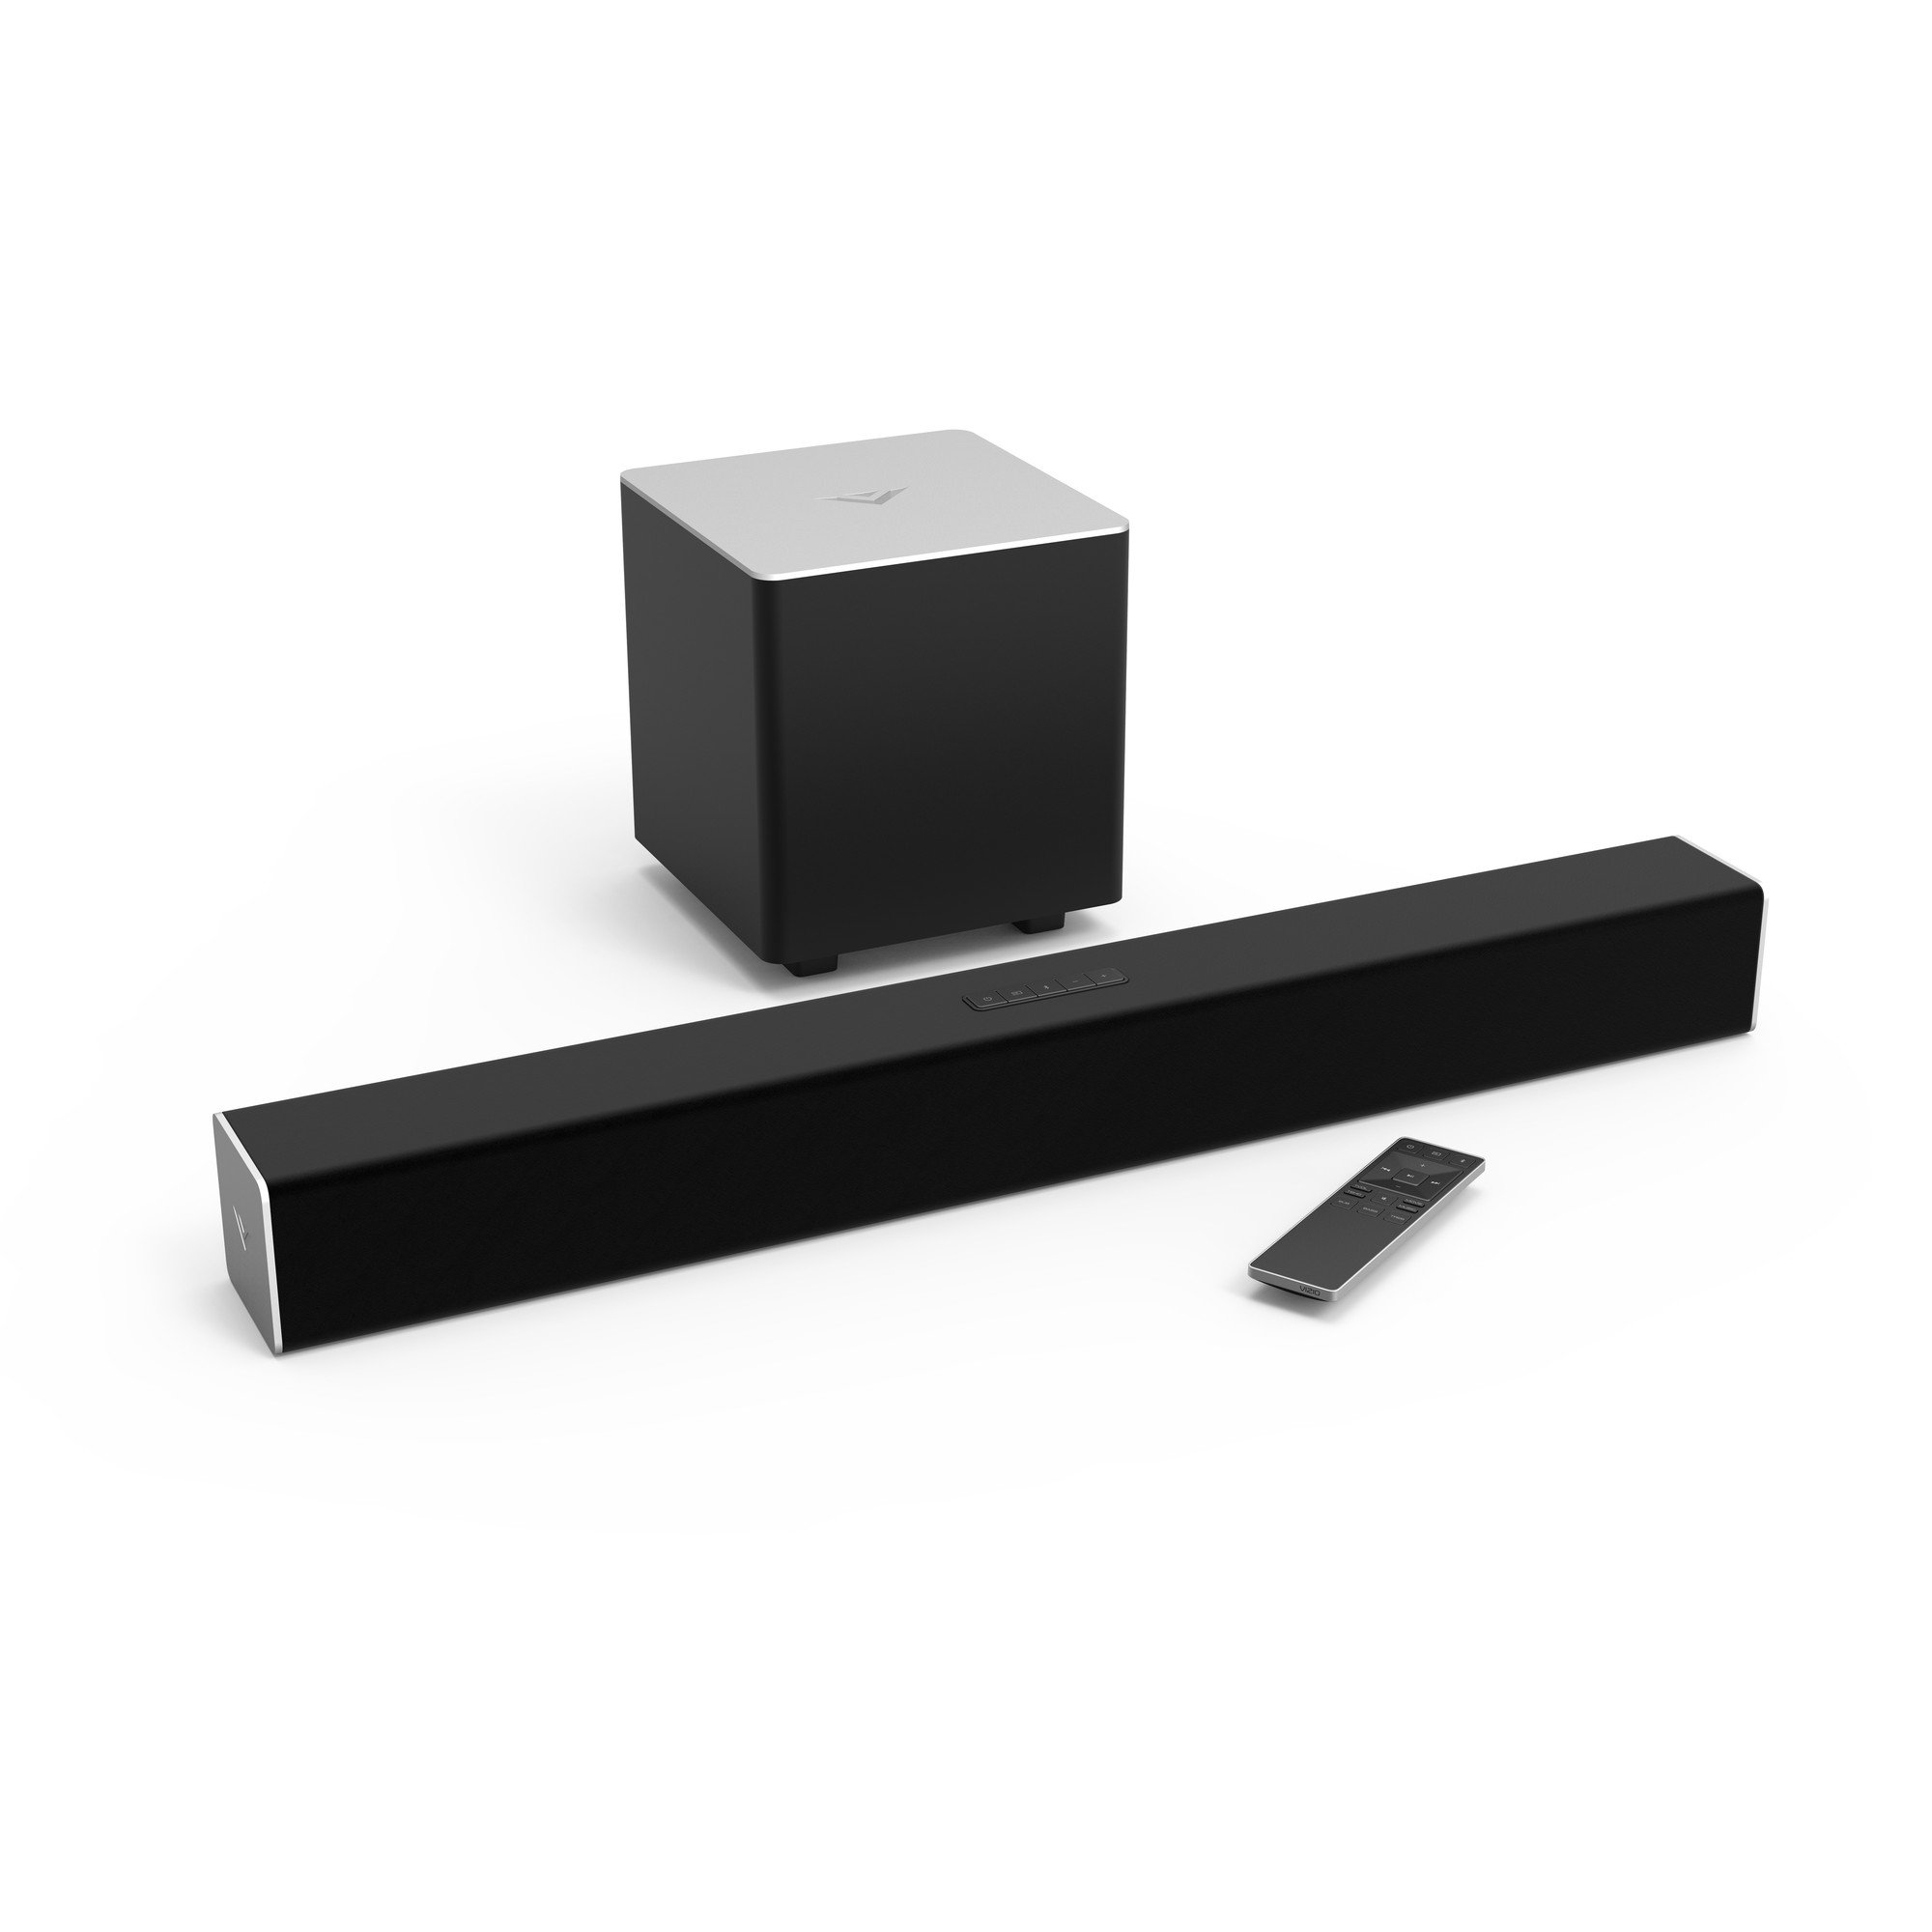 VIZIO SB2821-D6 28-Inch 2.1 Channel Sound bar by VIZIO